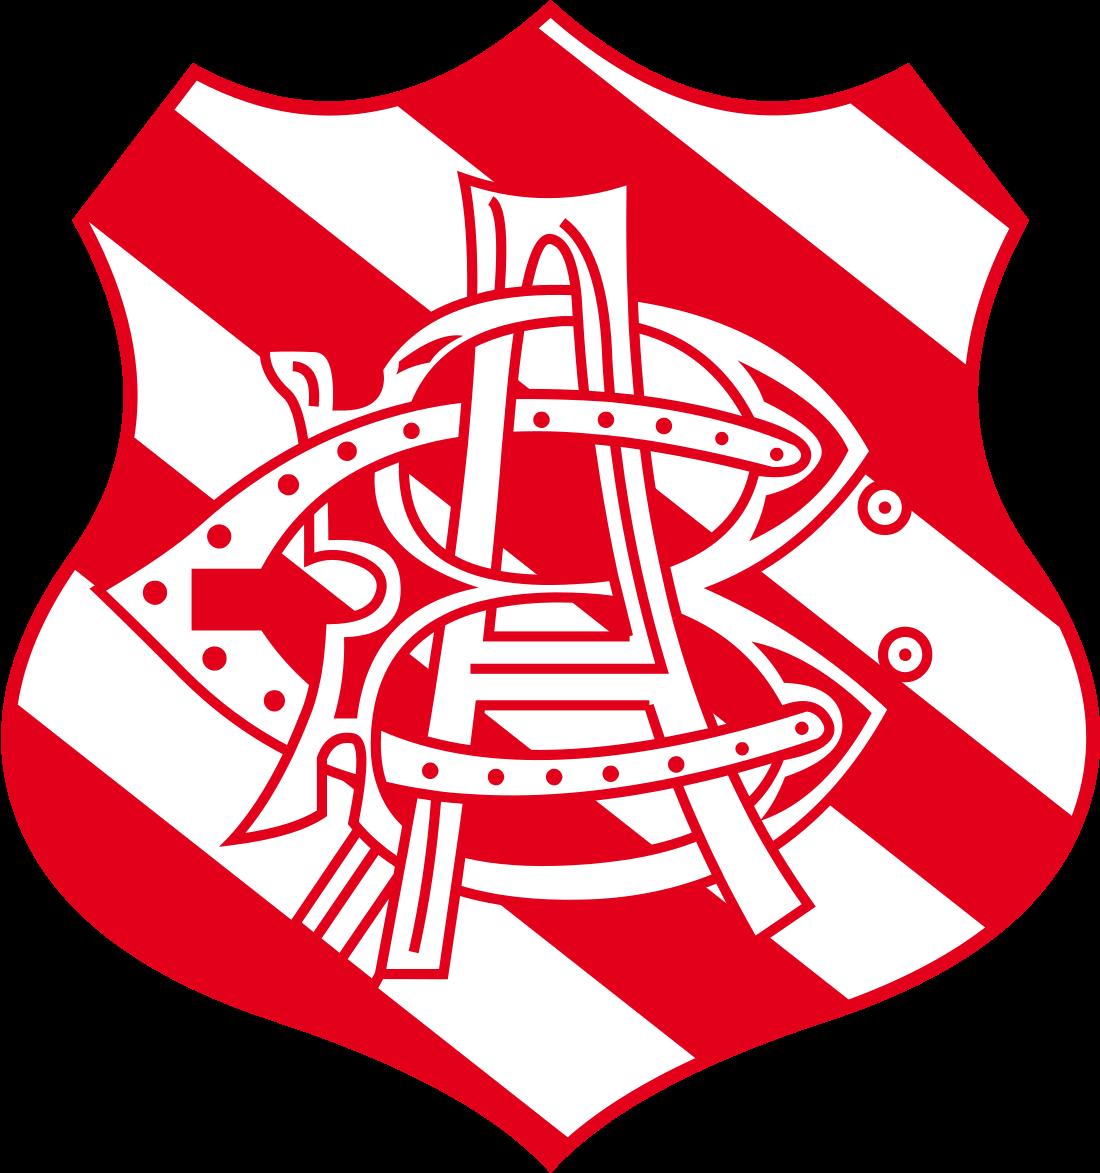 bangu-logo-escudo-3